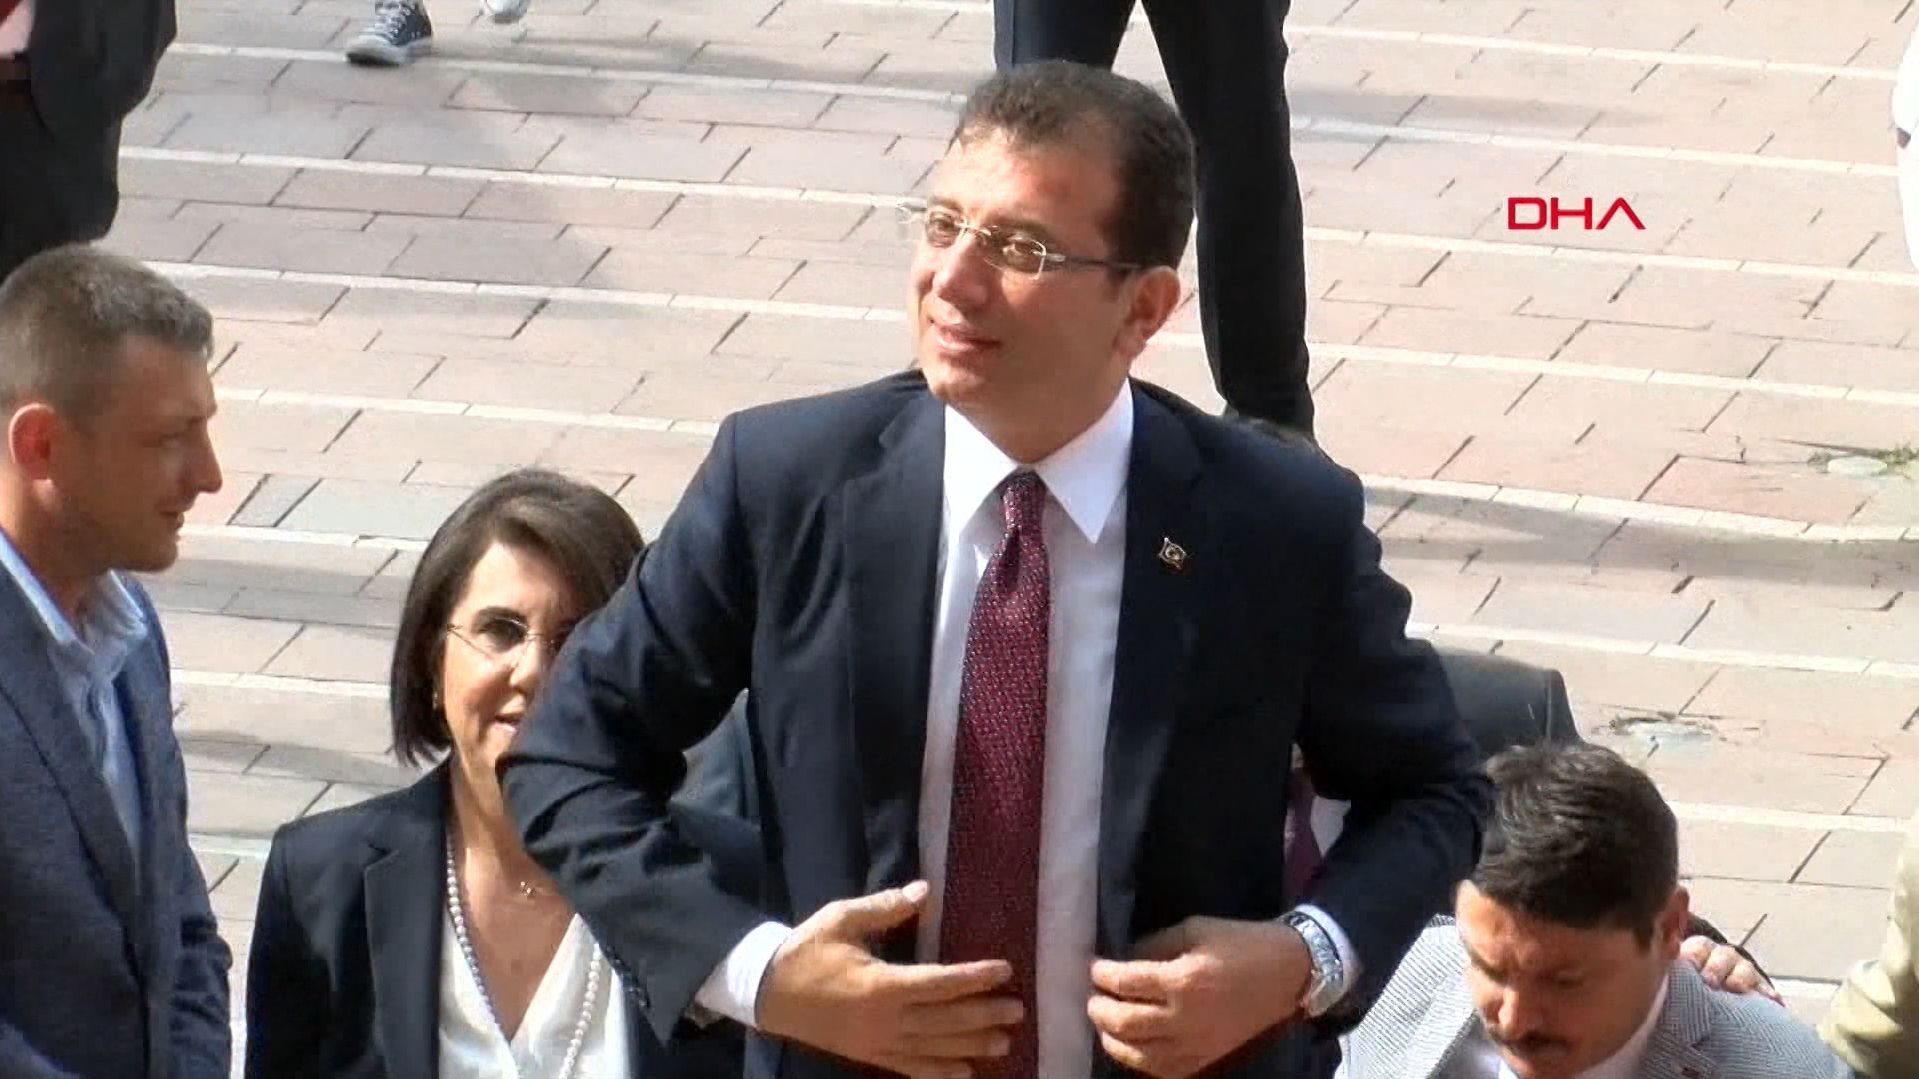 Oppositionspolitiker Imamoglu von der CHP.